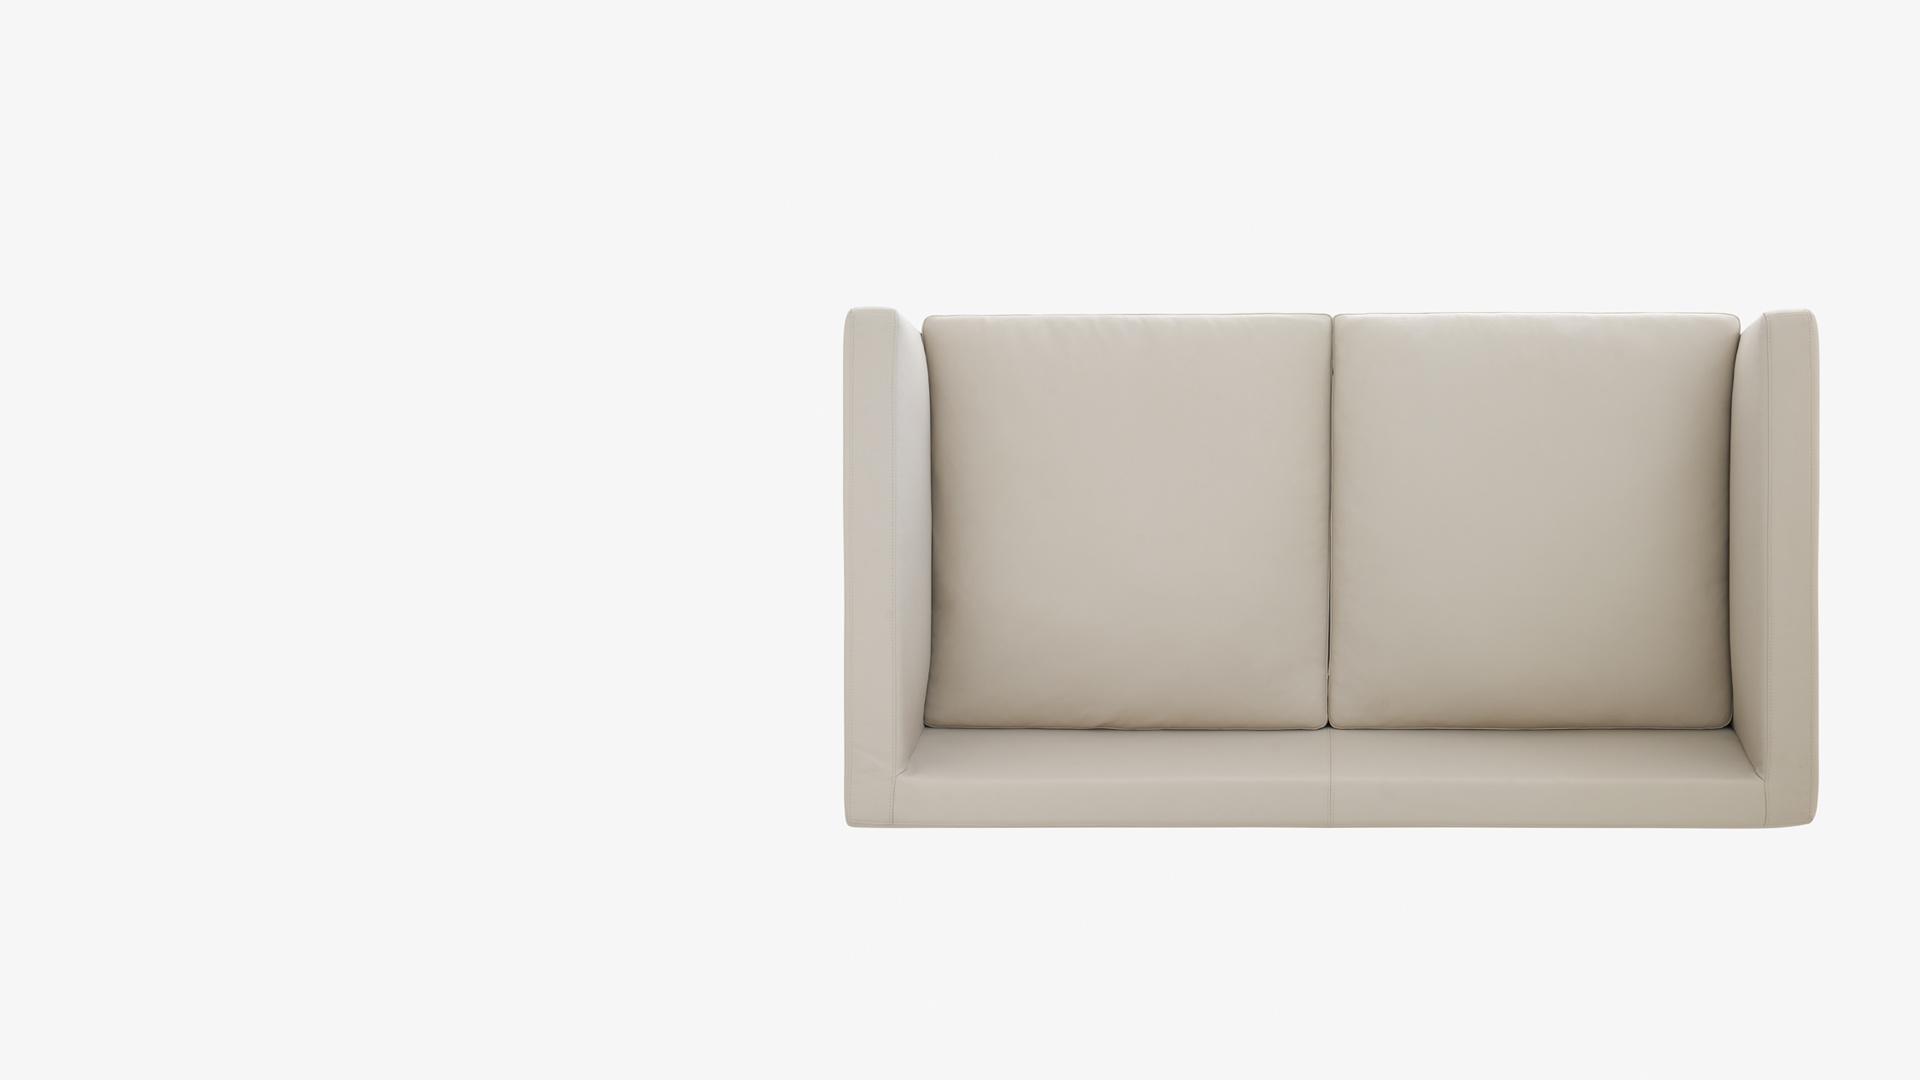 同幅宽沙发1.5倍落座面积